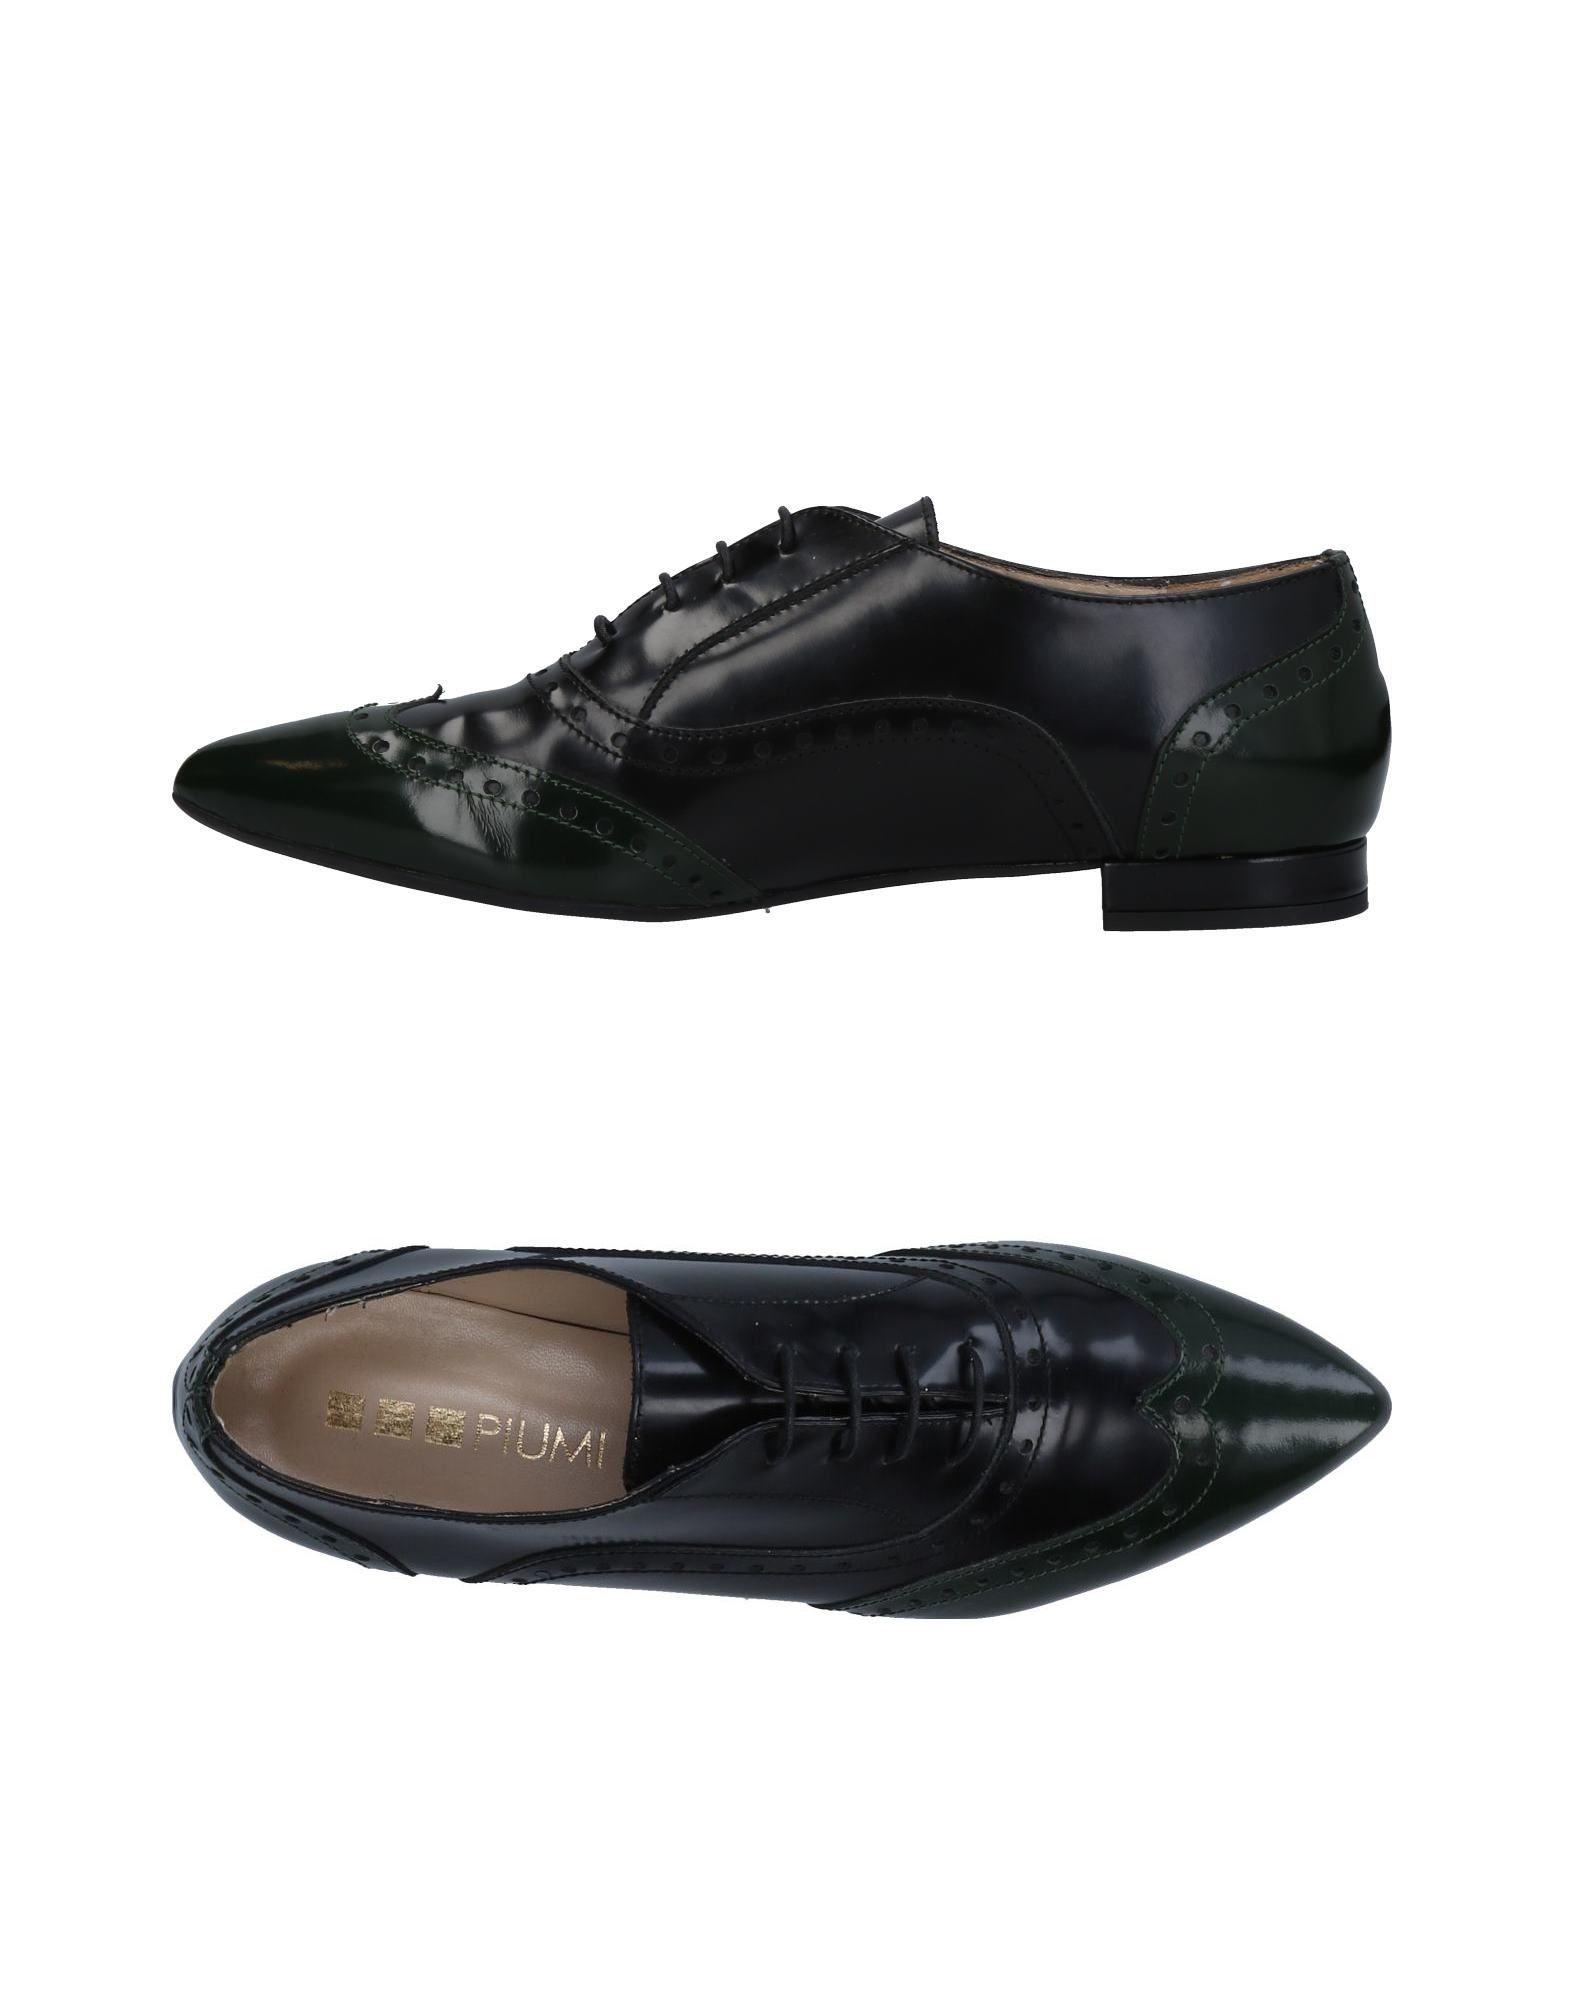 Фото - PIUMI Обувь на шнурках обувь на высокой платформе dkny